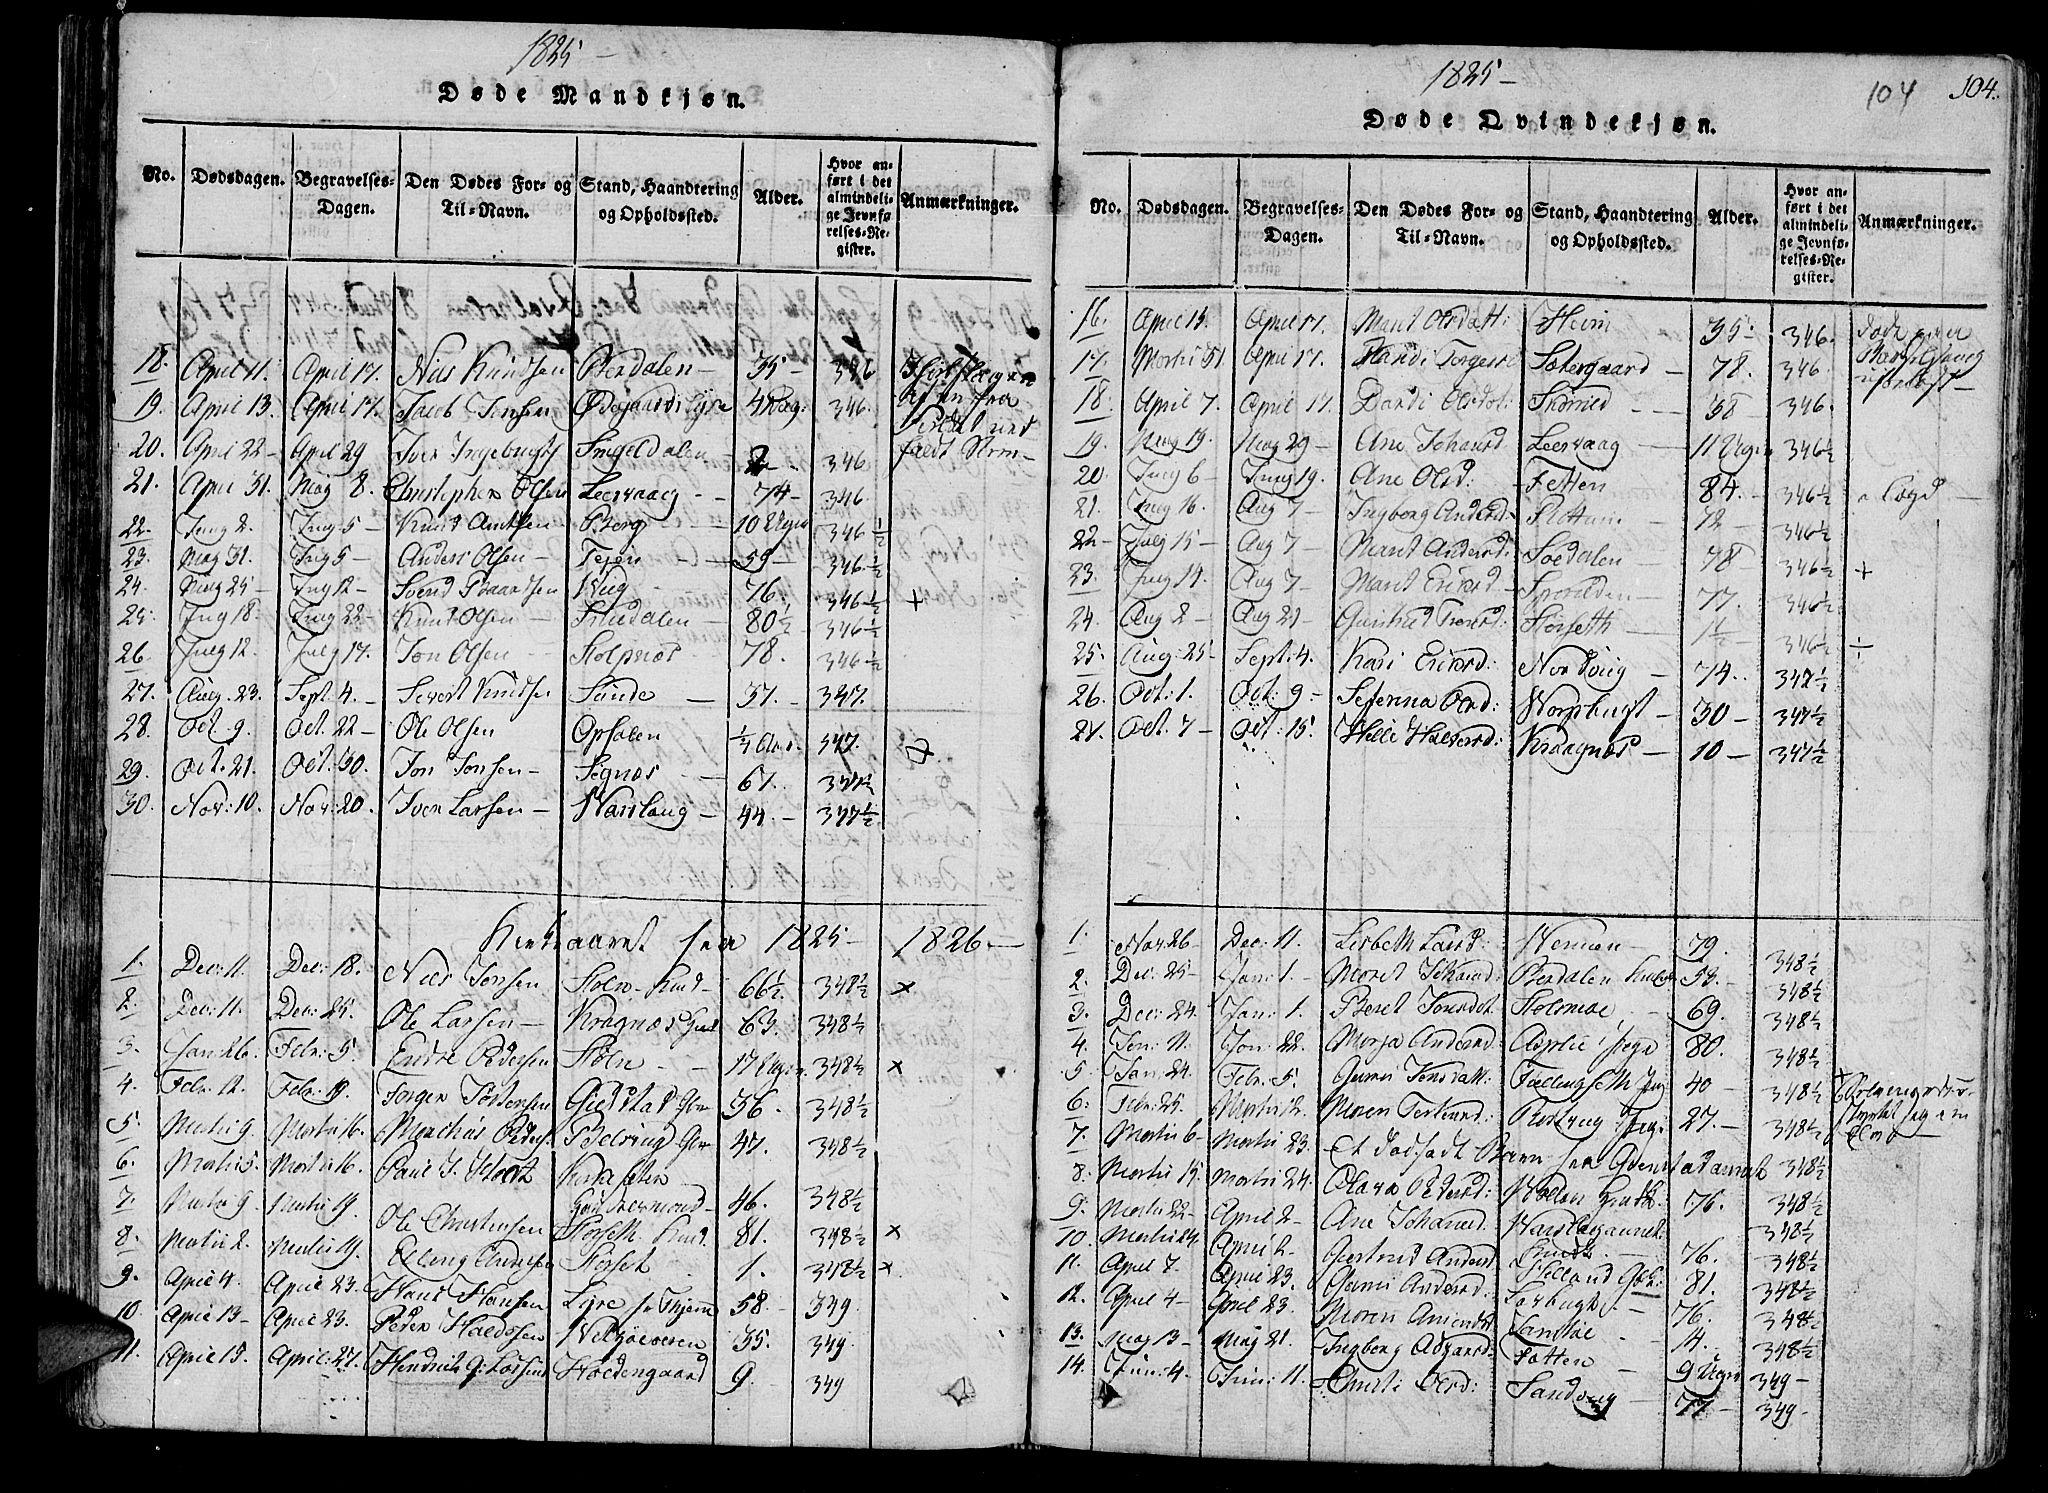 SAT, Ministerialprotokoller, klokkerbøker og fødselsregistre - Sør-Trøndelag, 630/L0491: Ministerialbok nr. 630A04, 1818-1830, s. 104